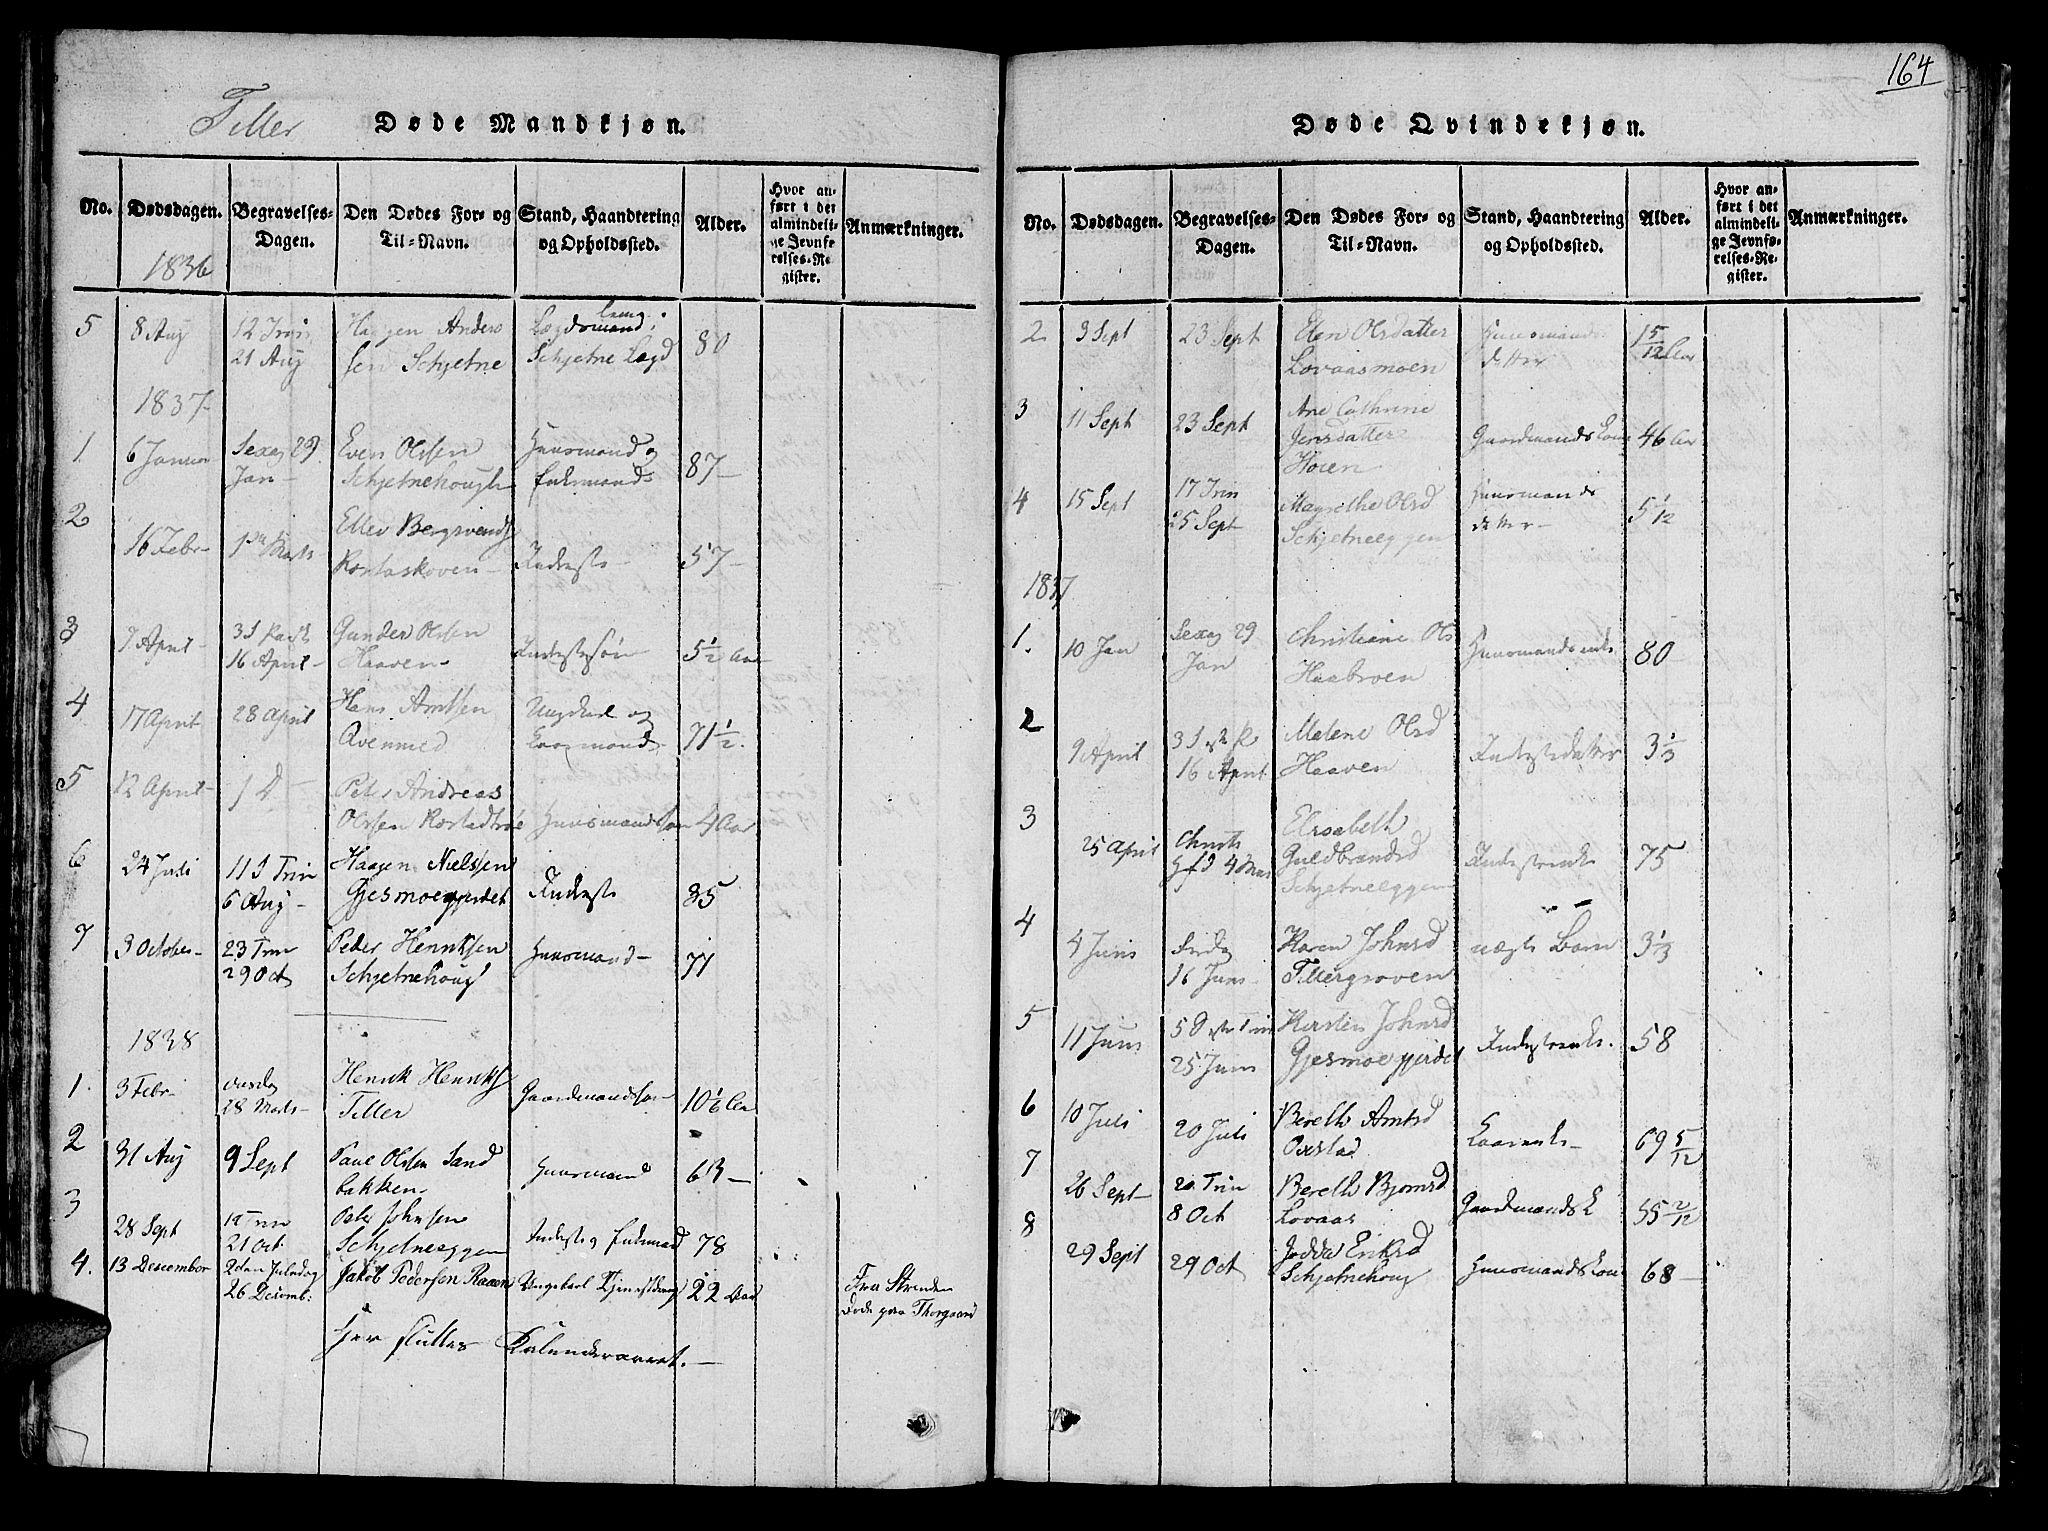 SAT, Ministerialprotokoller, klokkerbøker og fødselsregistre - Sør-Trøndelag, 618/L0440: Ministerialbok nr. 618A04 /2, 1816-1843, s. 164